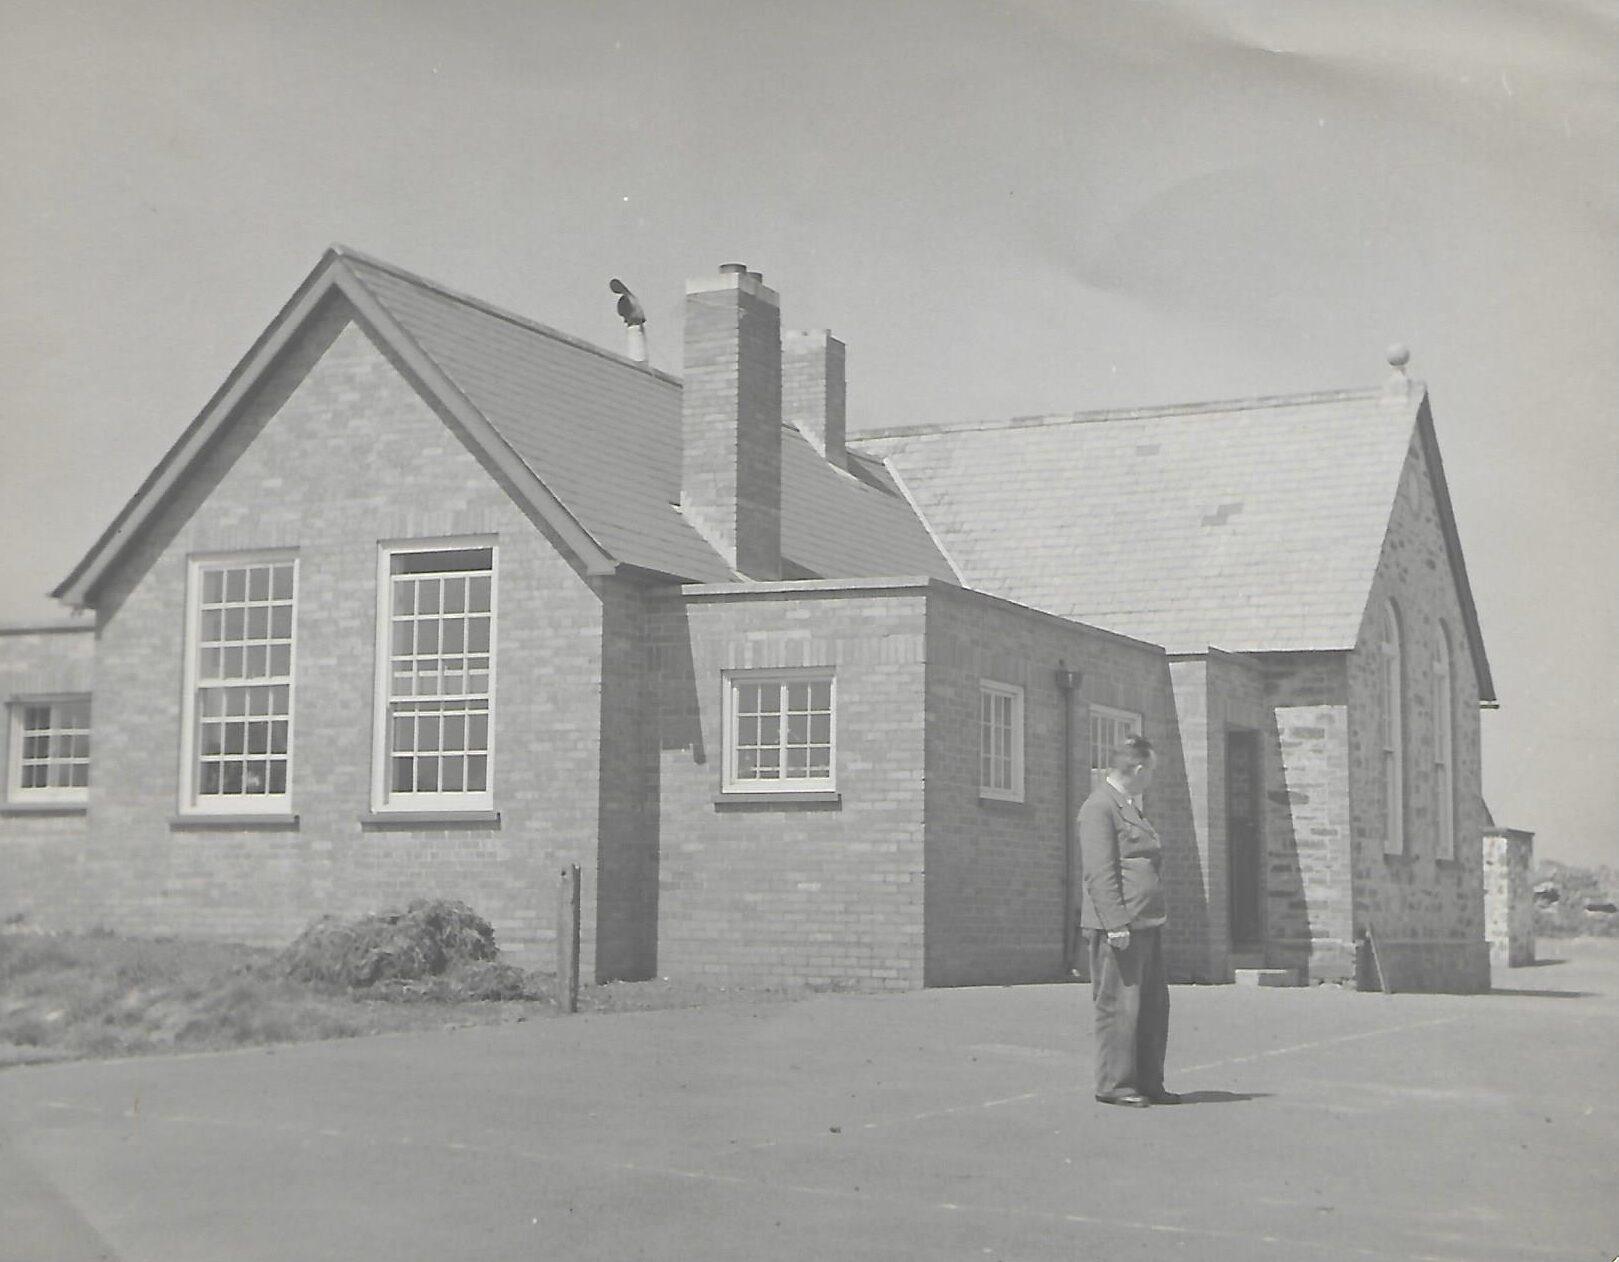 Ysgol Llwynihirion 1930s